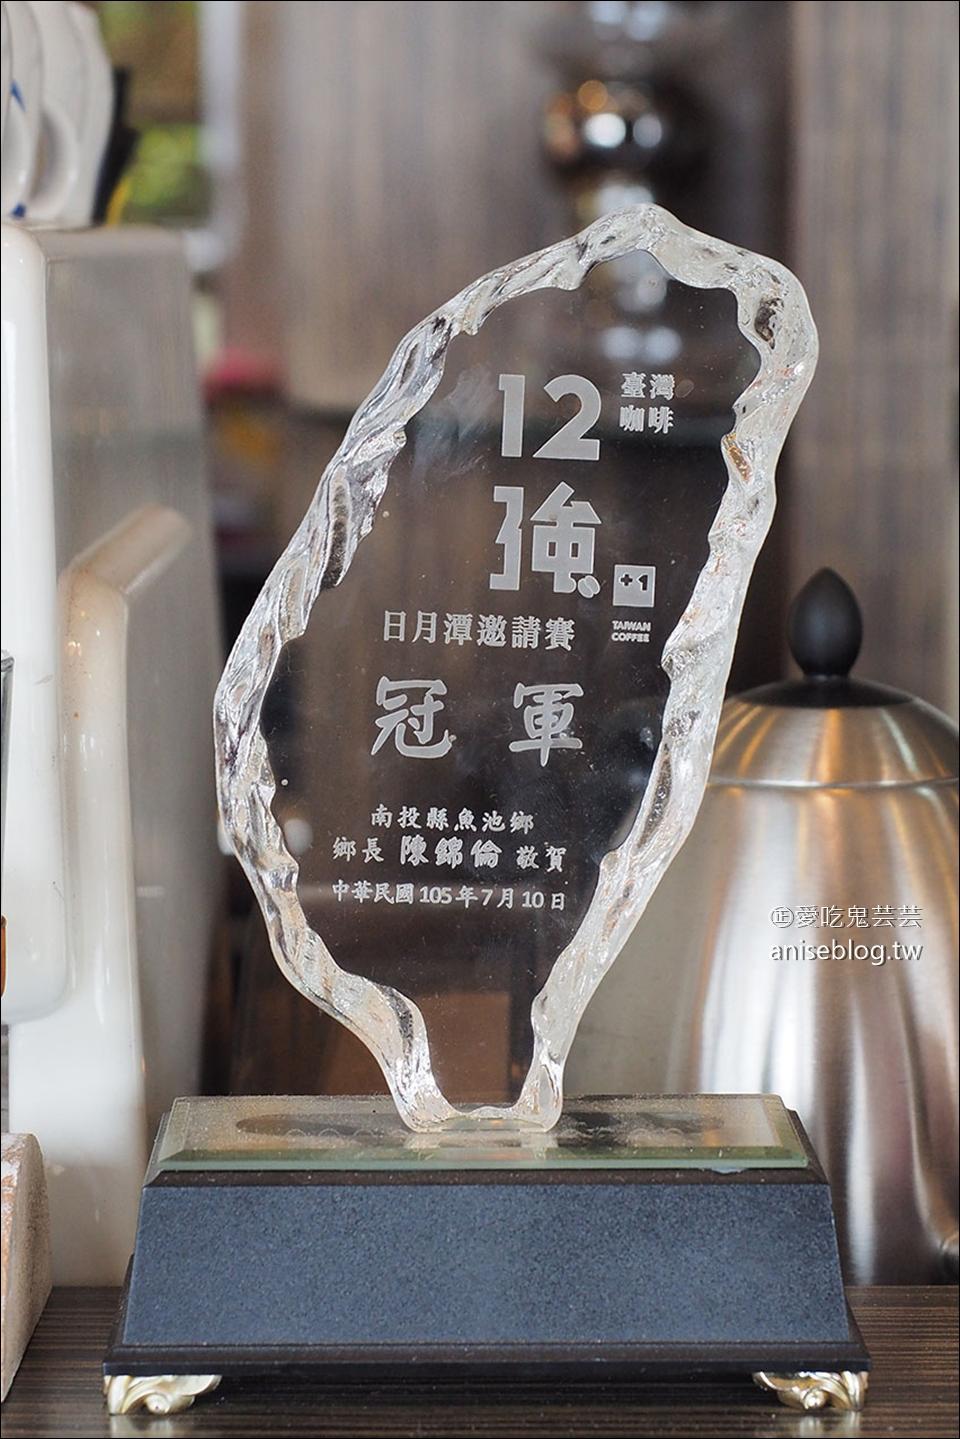 鄒族園 | 阿里山上的咖啡王子